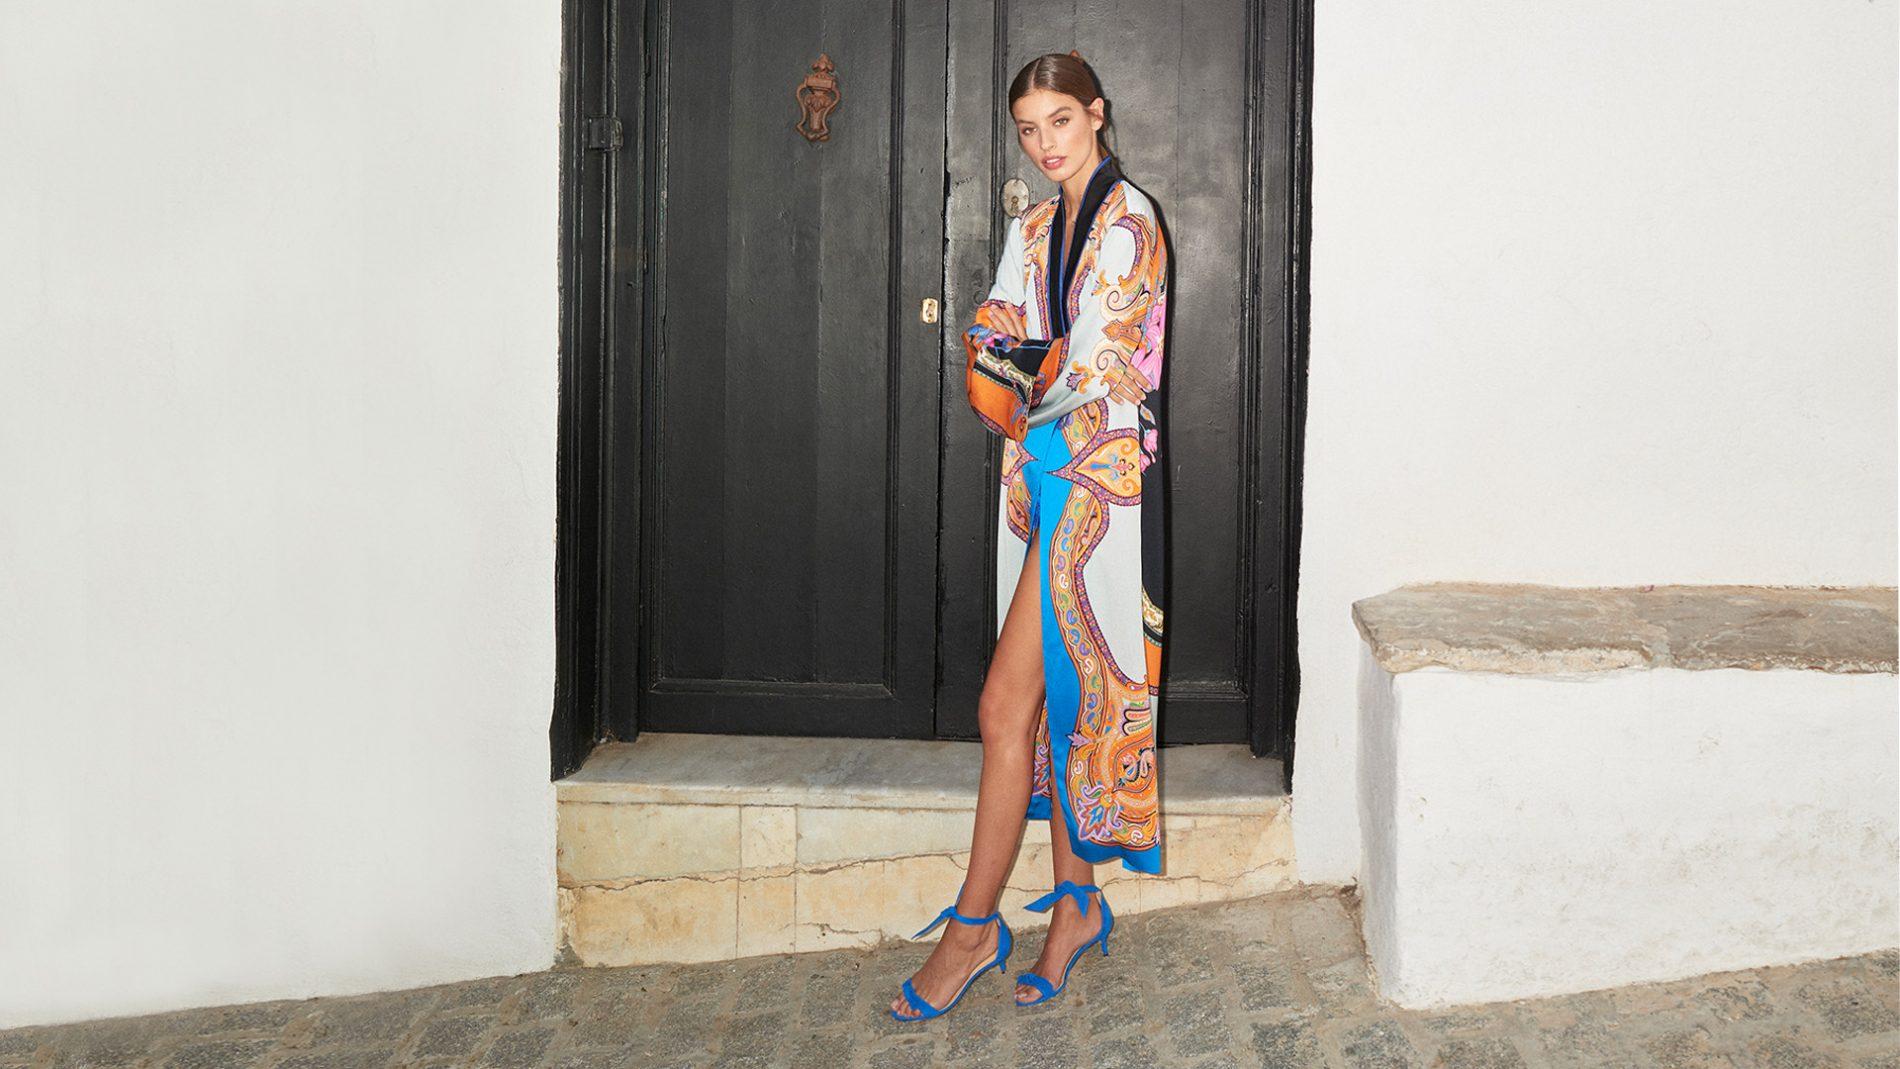 El Corte Inglés Ready-To-Wear Shoes Etro Alexandre Birman